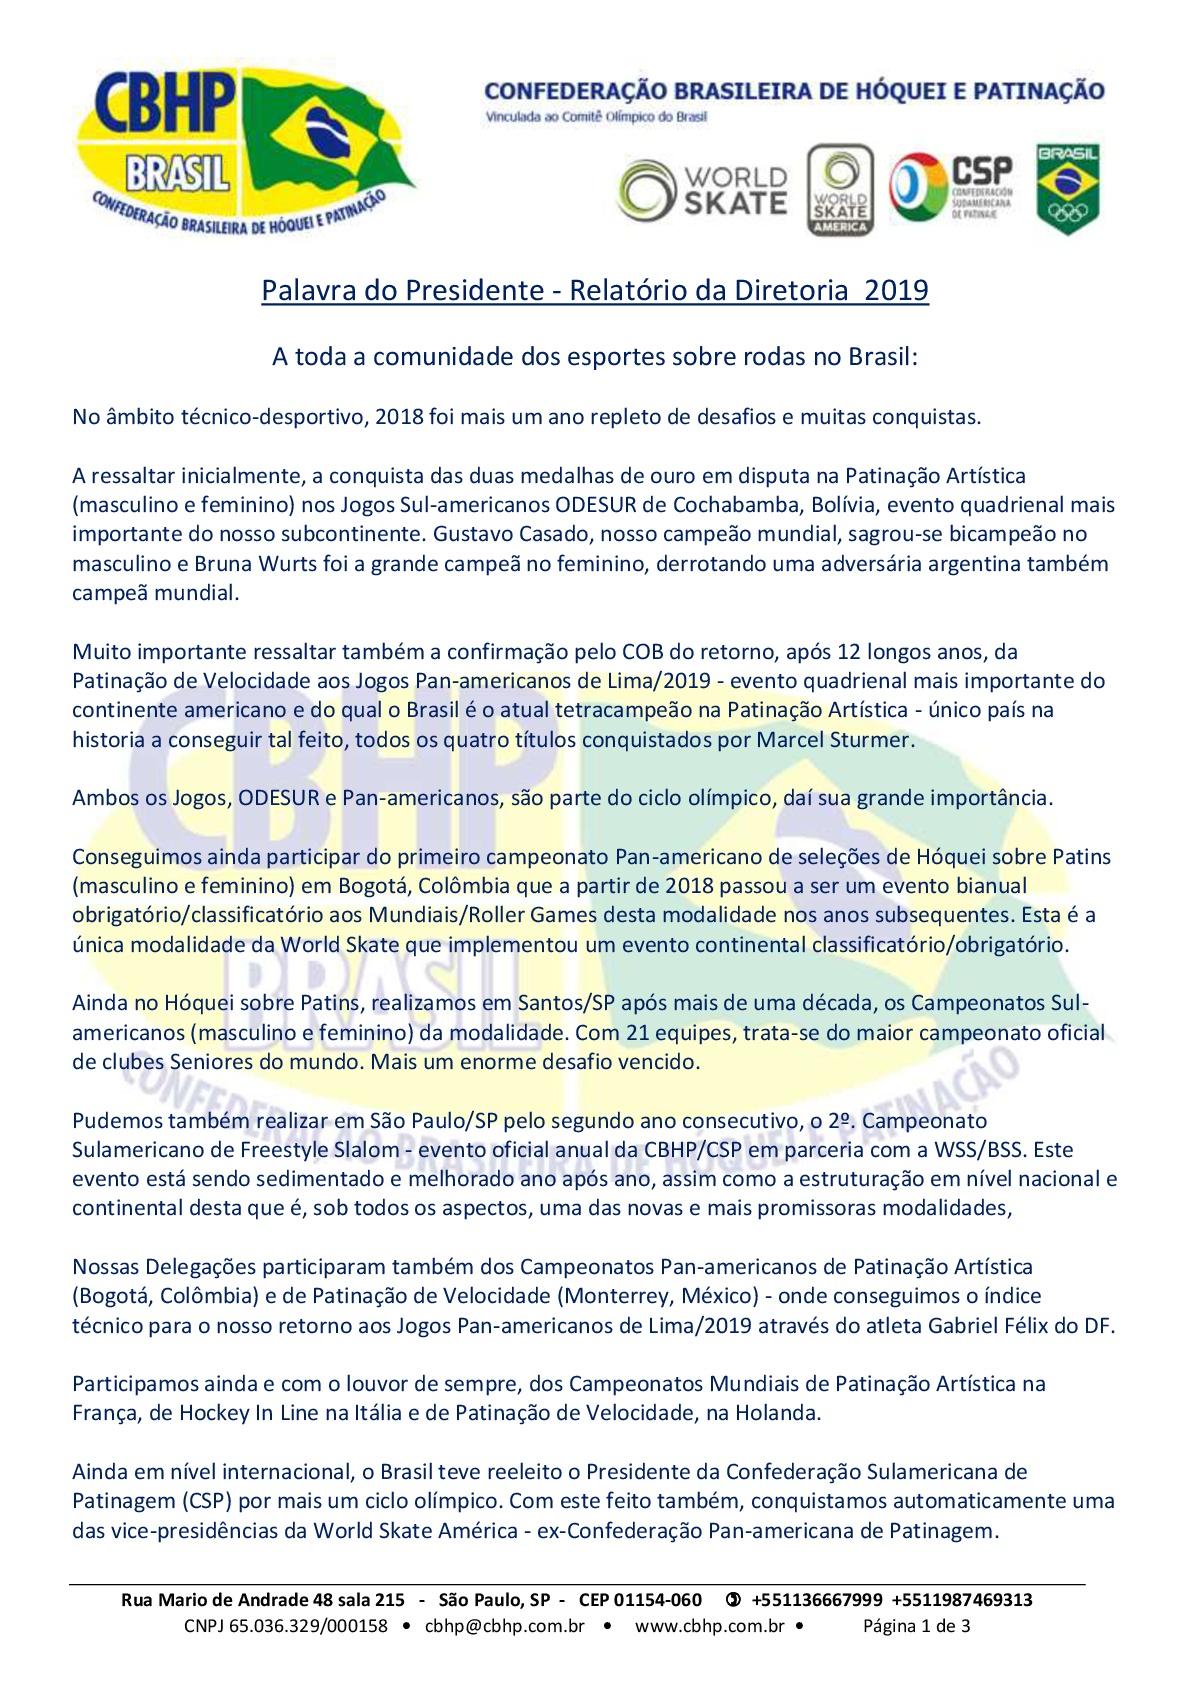 Palavra do Presidente 2019 - Página 2 de 3